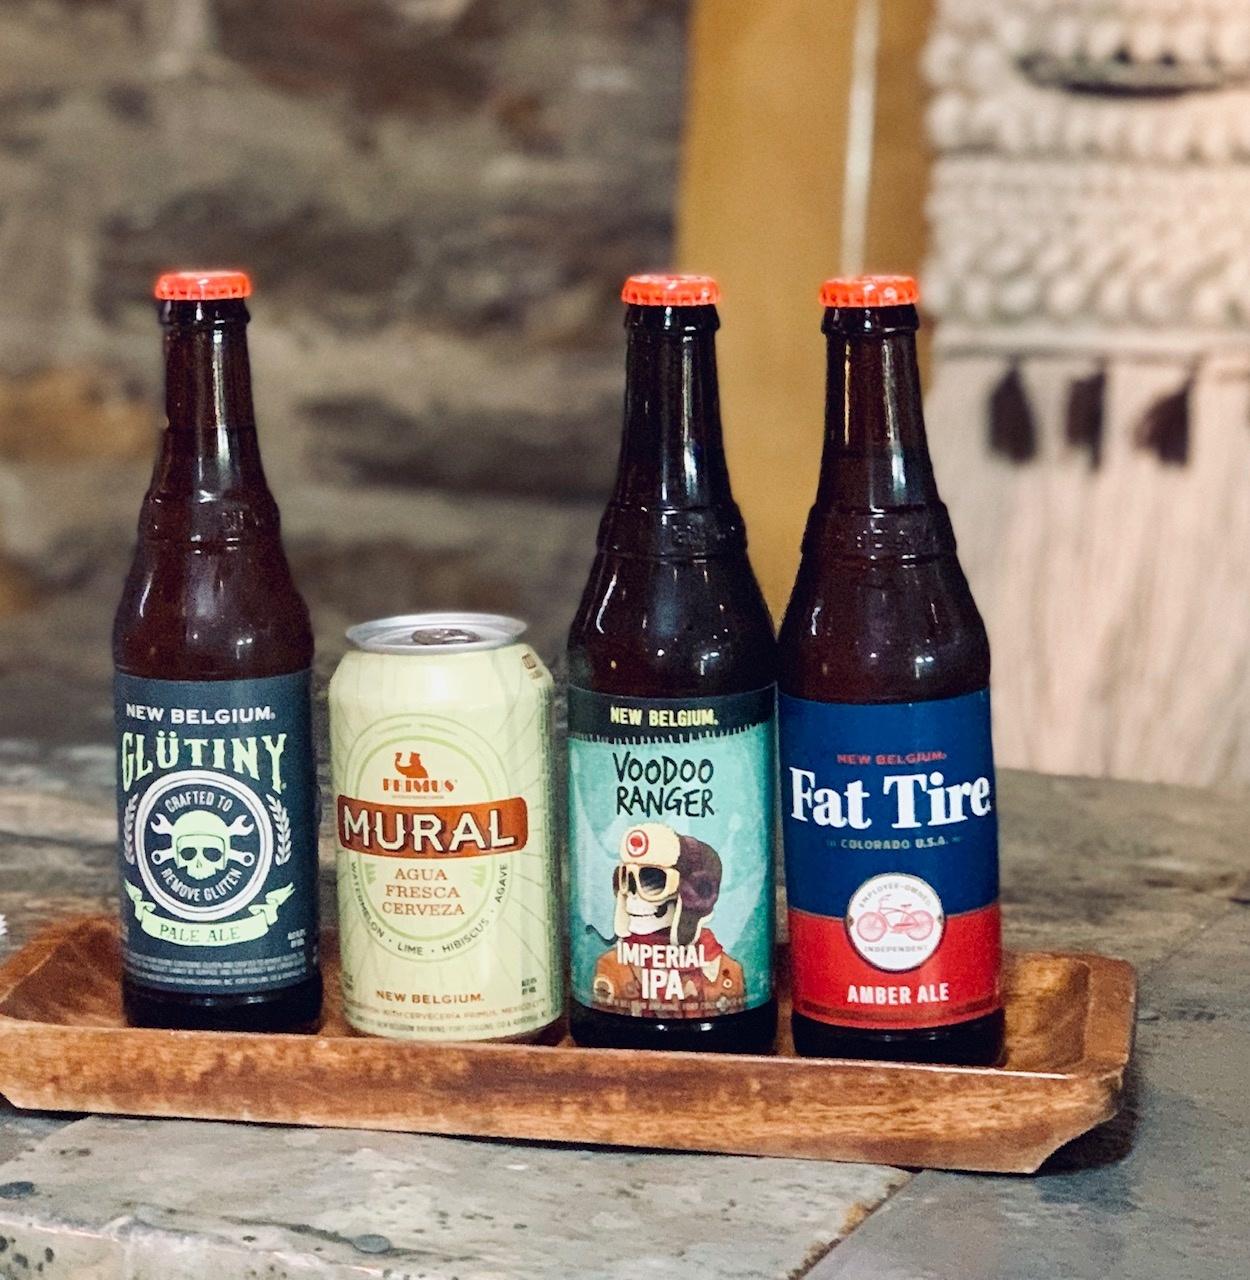 New Belgium Beer Tasting